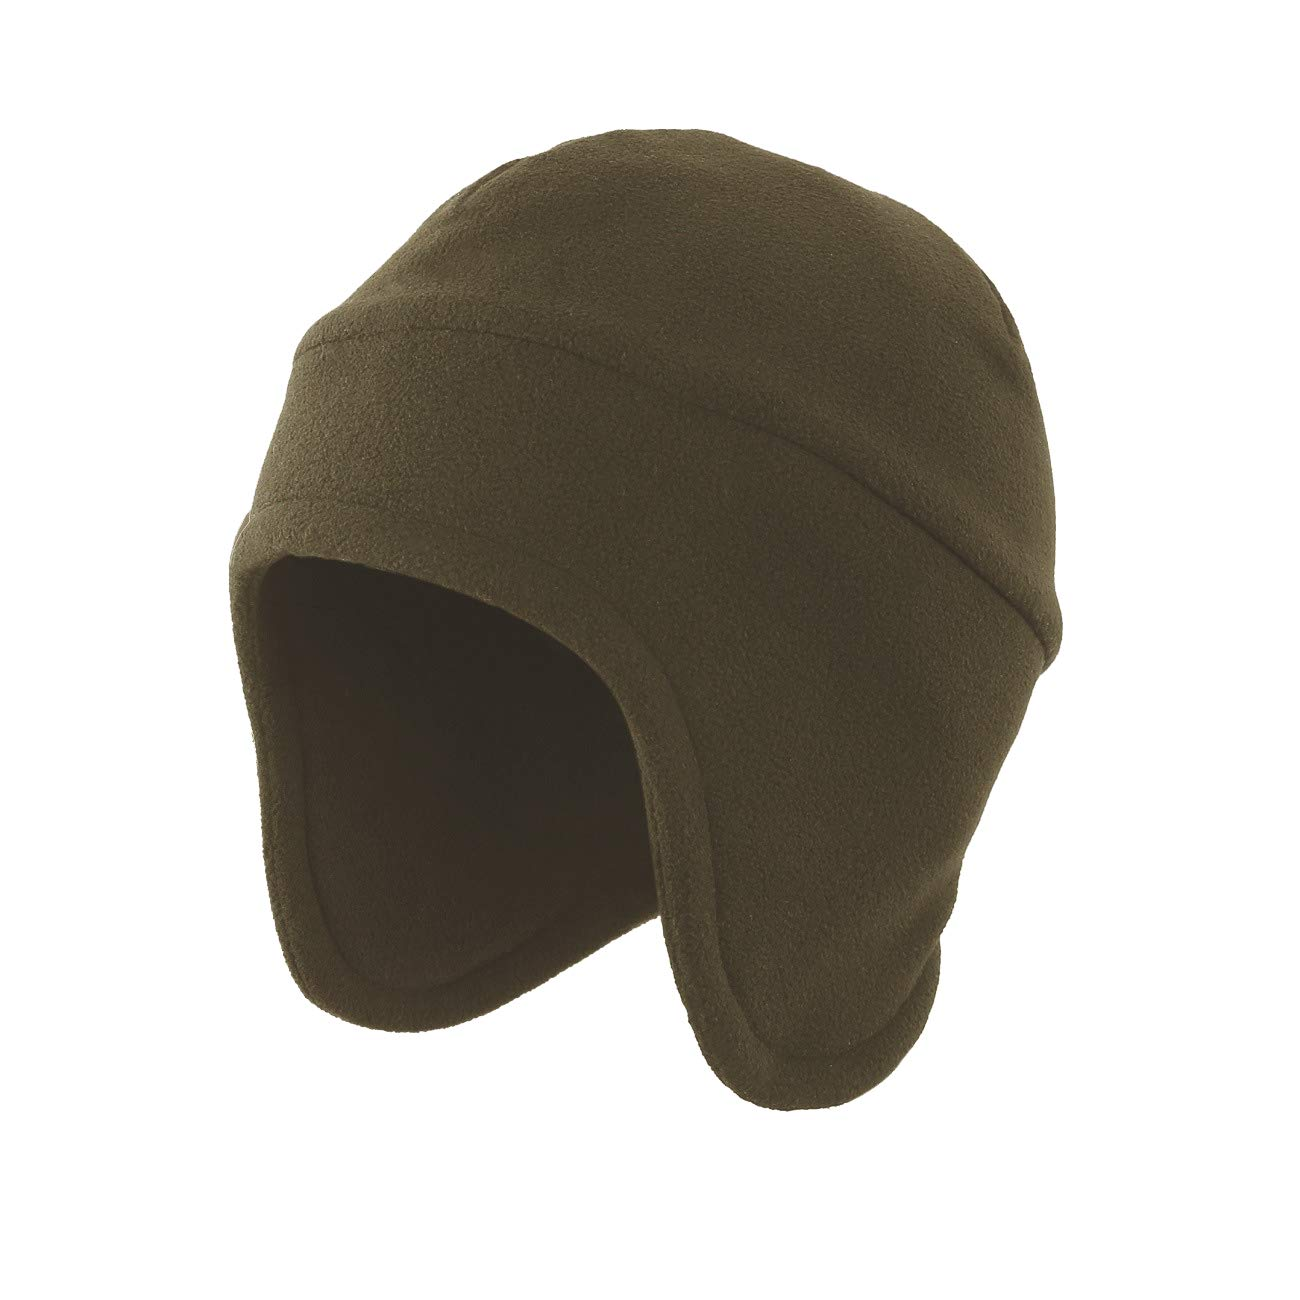 LLmoway Men/'s Warm 2 in 1 Hat Winter Fleece Earflap Skull Sports Beanie Ski Mask